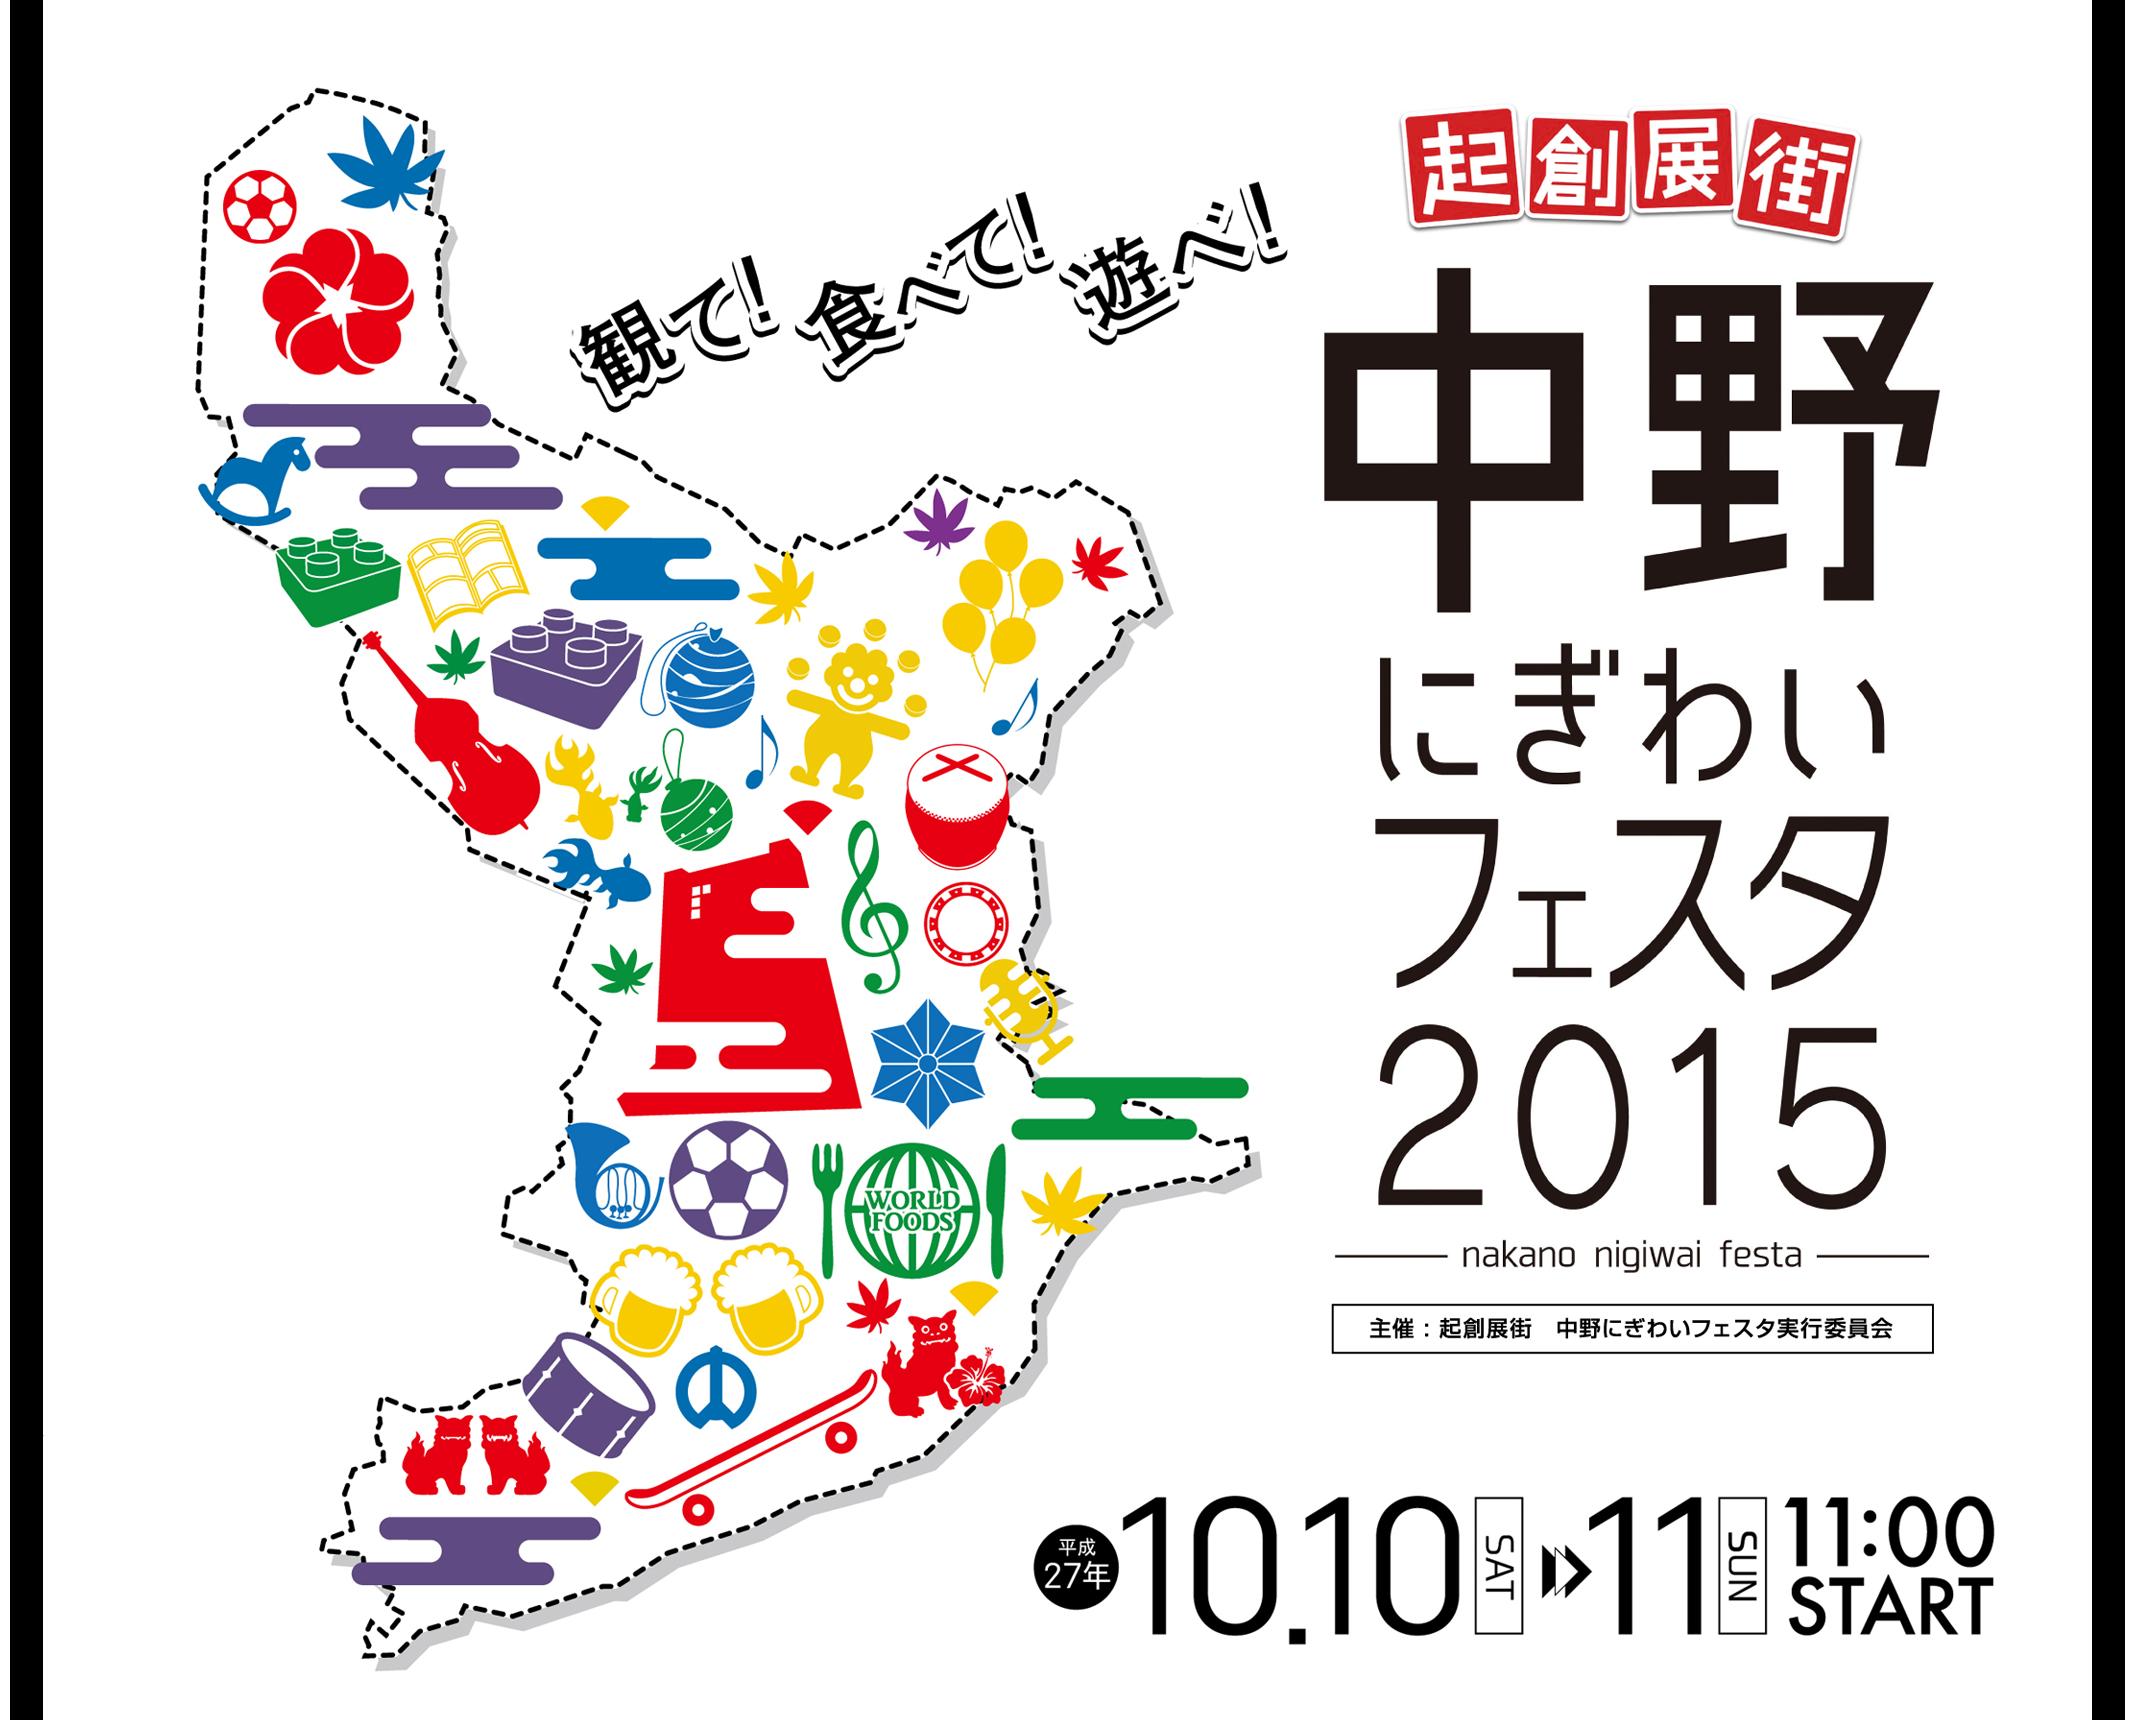 中野にぎわいフェスタ2015ポスター